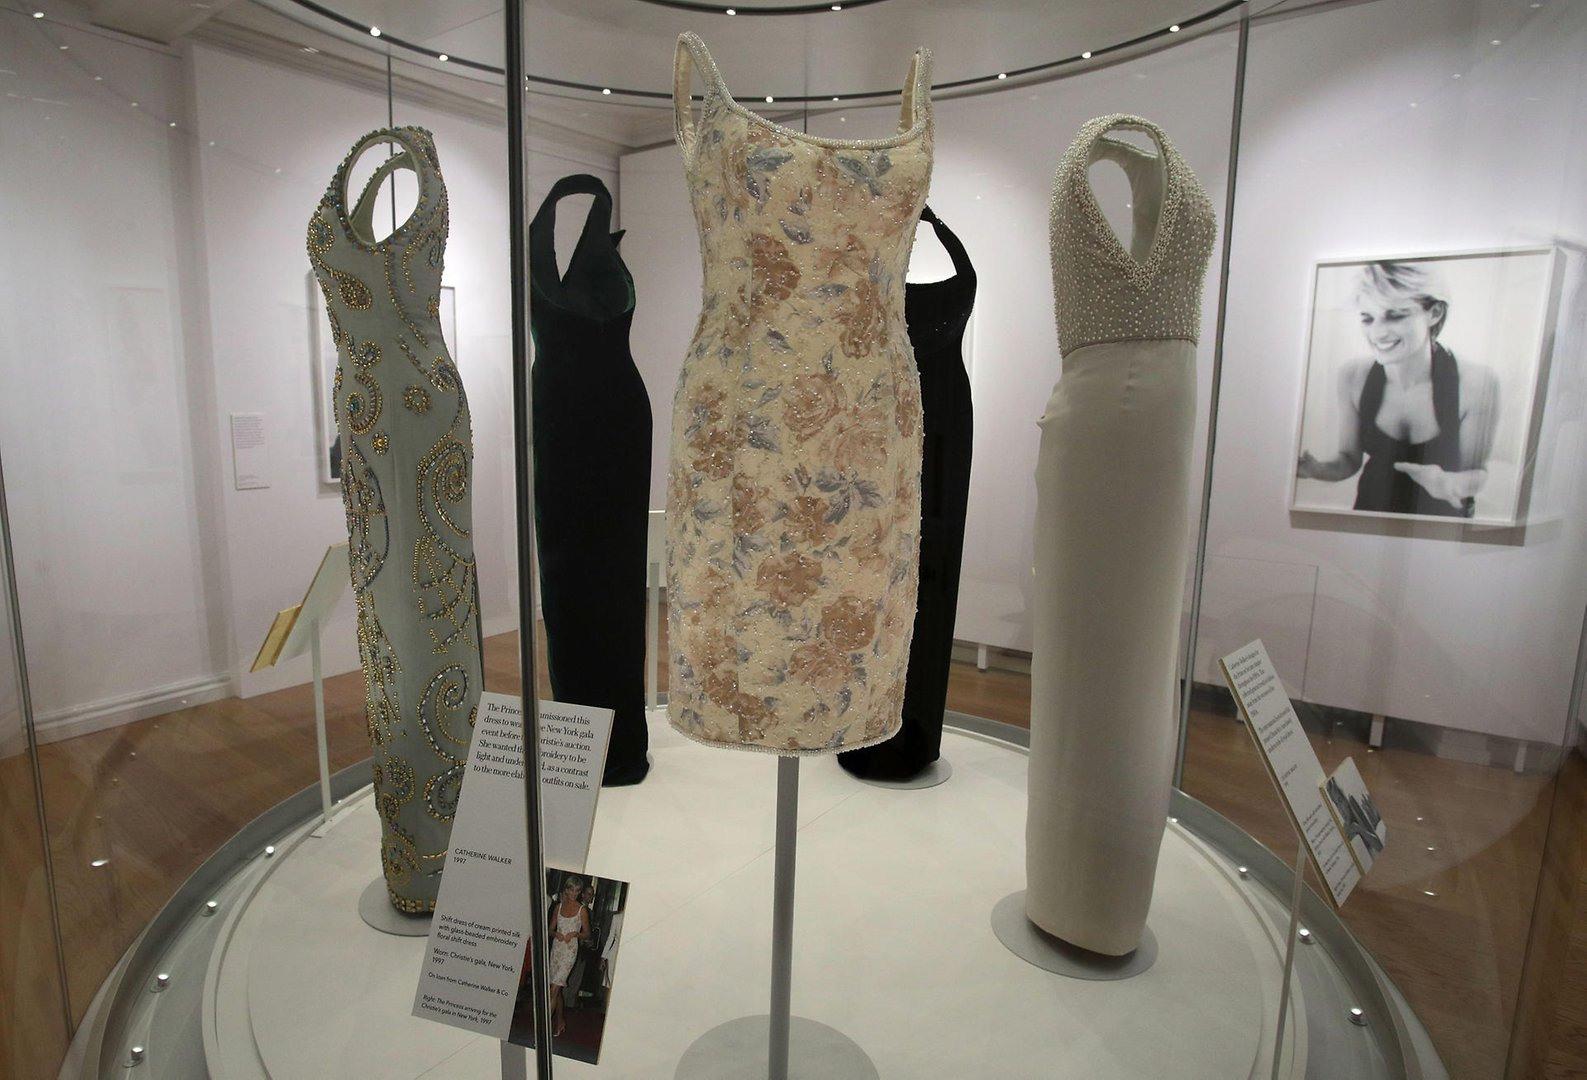 17 Fantastisch Abendkleider Quedlinburg Bester PreisFormal Kreativ Abendkleider Quedlinburg Bester Preis